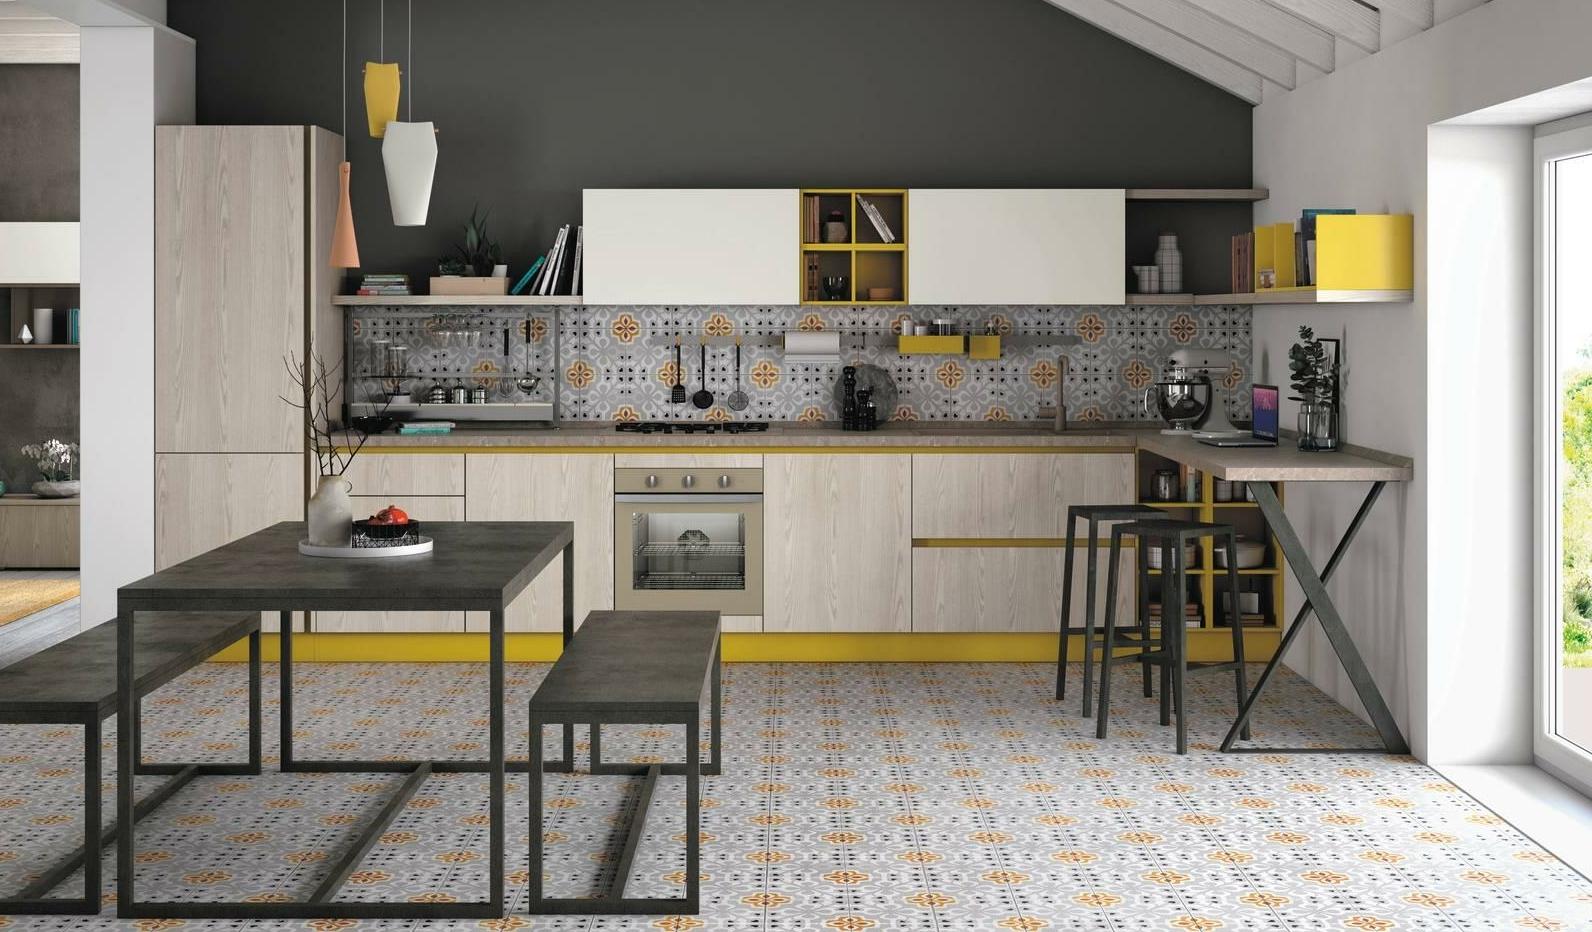 Cucine con dettagli colorati. Foto modelli, descrizioni